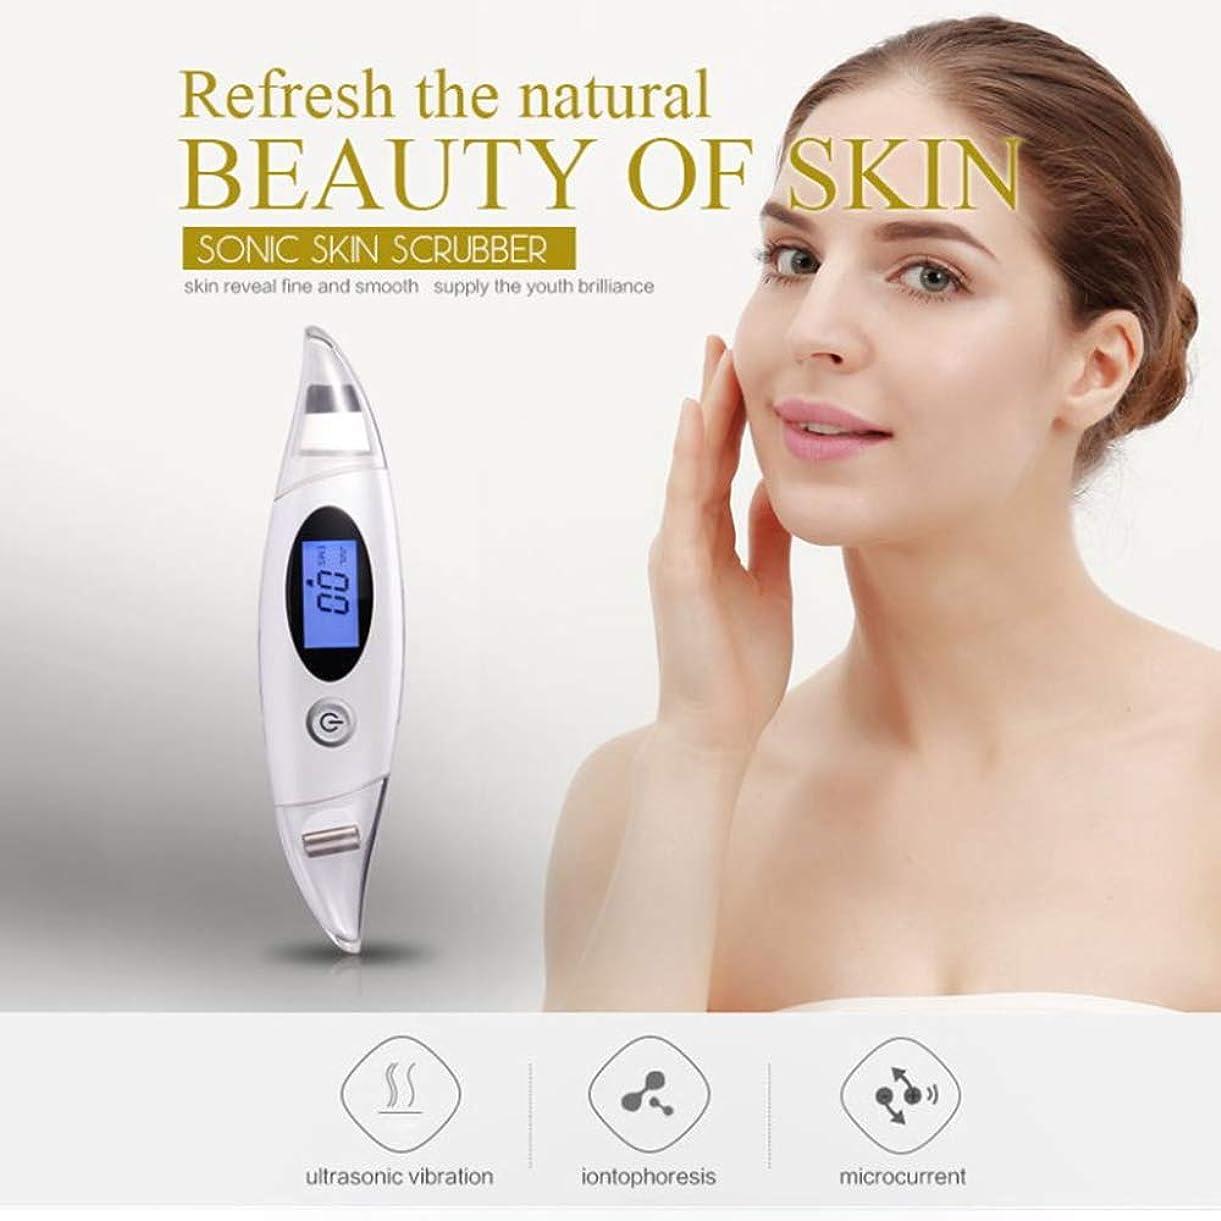 セクタ本体シェトランド諸島しわ除去Rf美容デバイス、顔のクレンジング、リフティング&引き締めデバイス、ディープクレンジング振動美容ツールをきつく締めるフェイスリフティングスキン